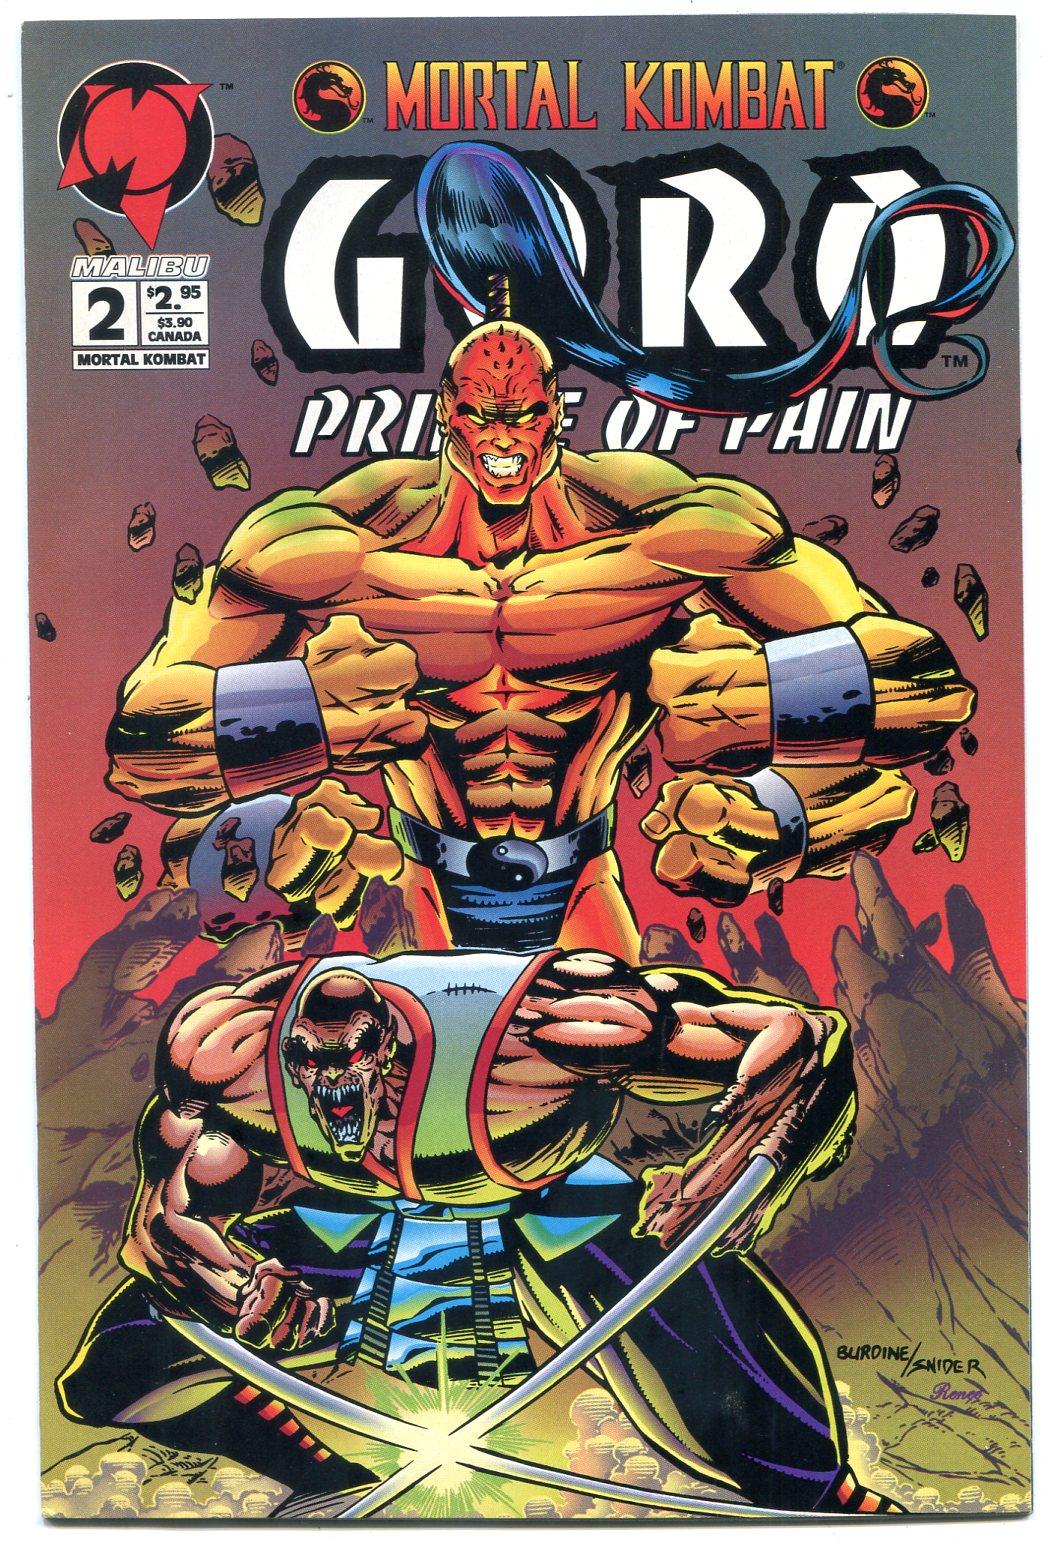 Mortal Kombat Goro Prince Of Pain 2 1994 Malibu Comics Nm